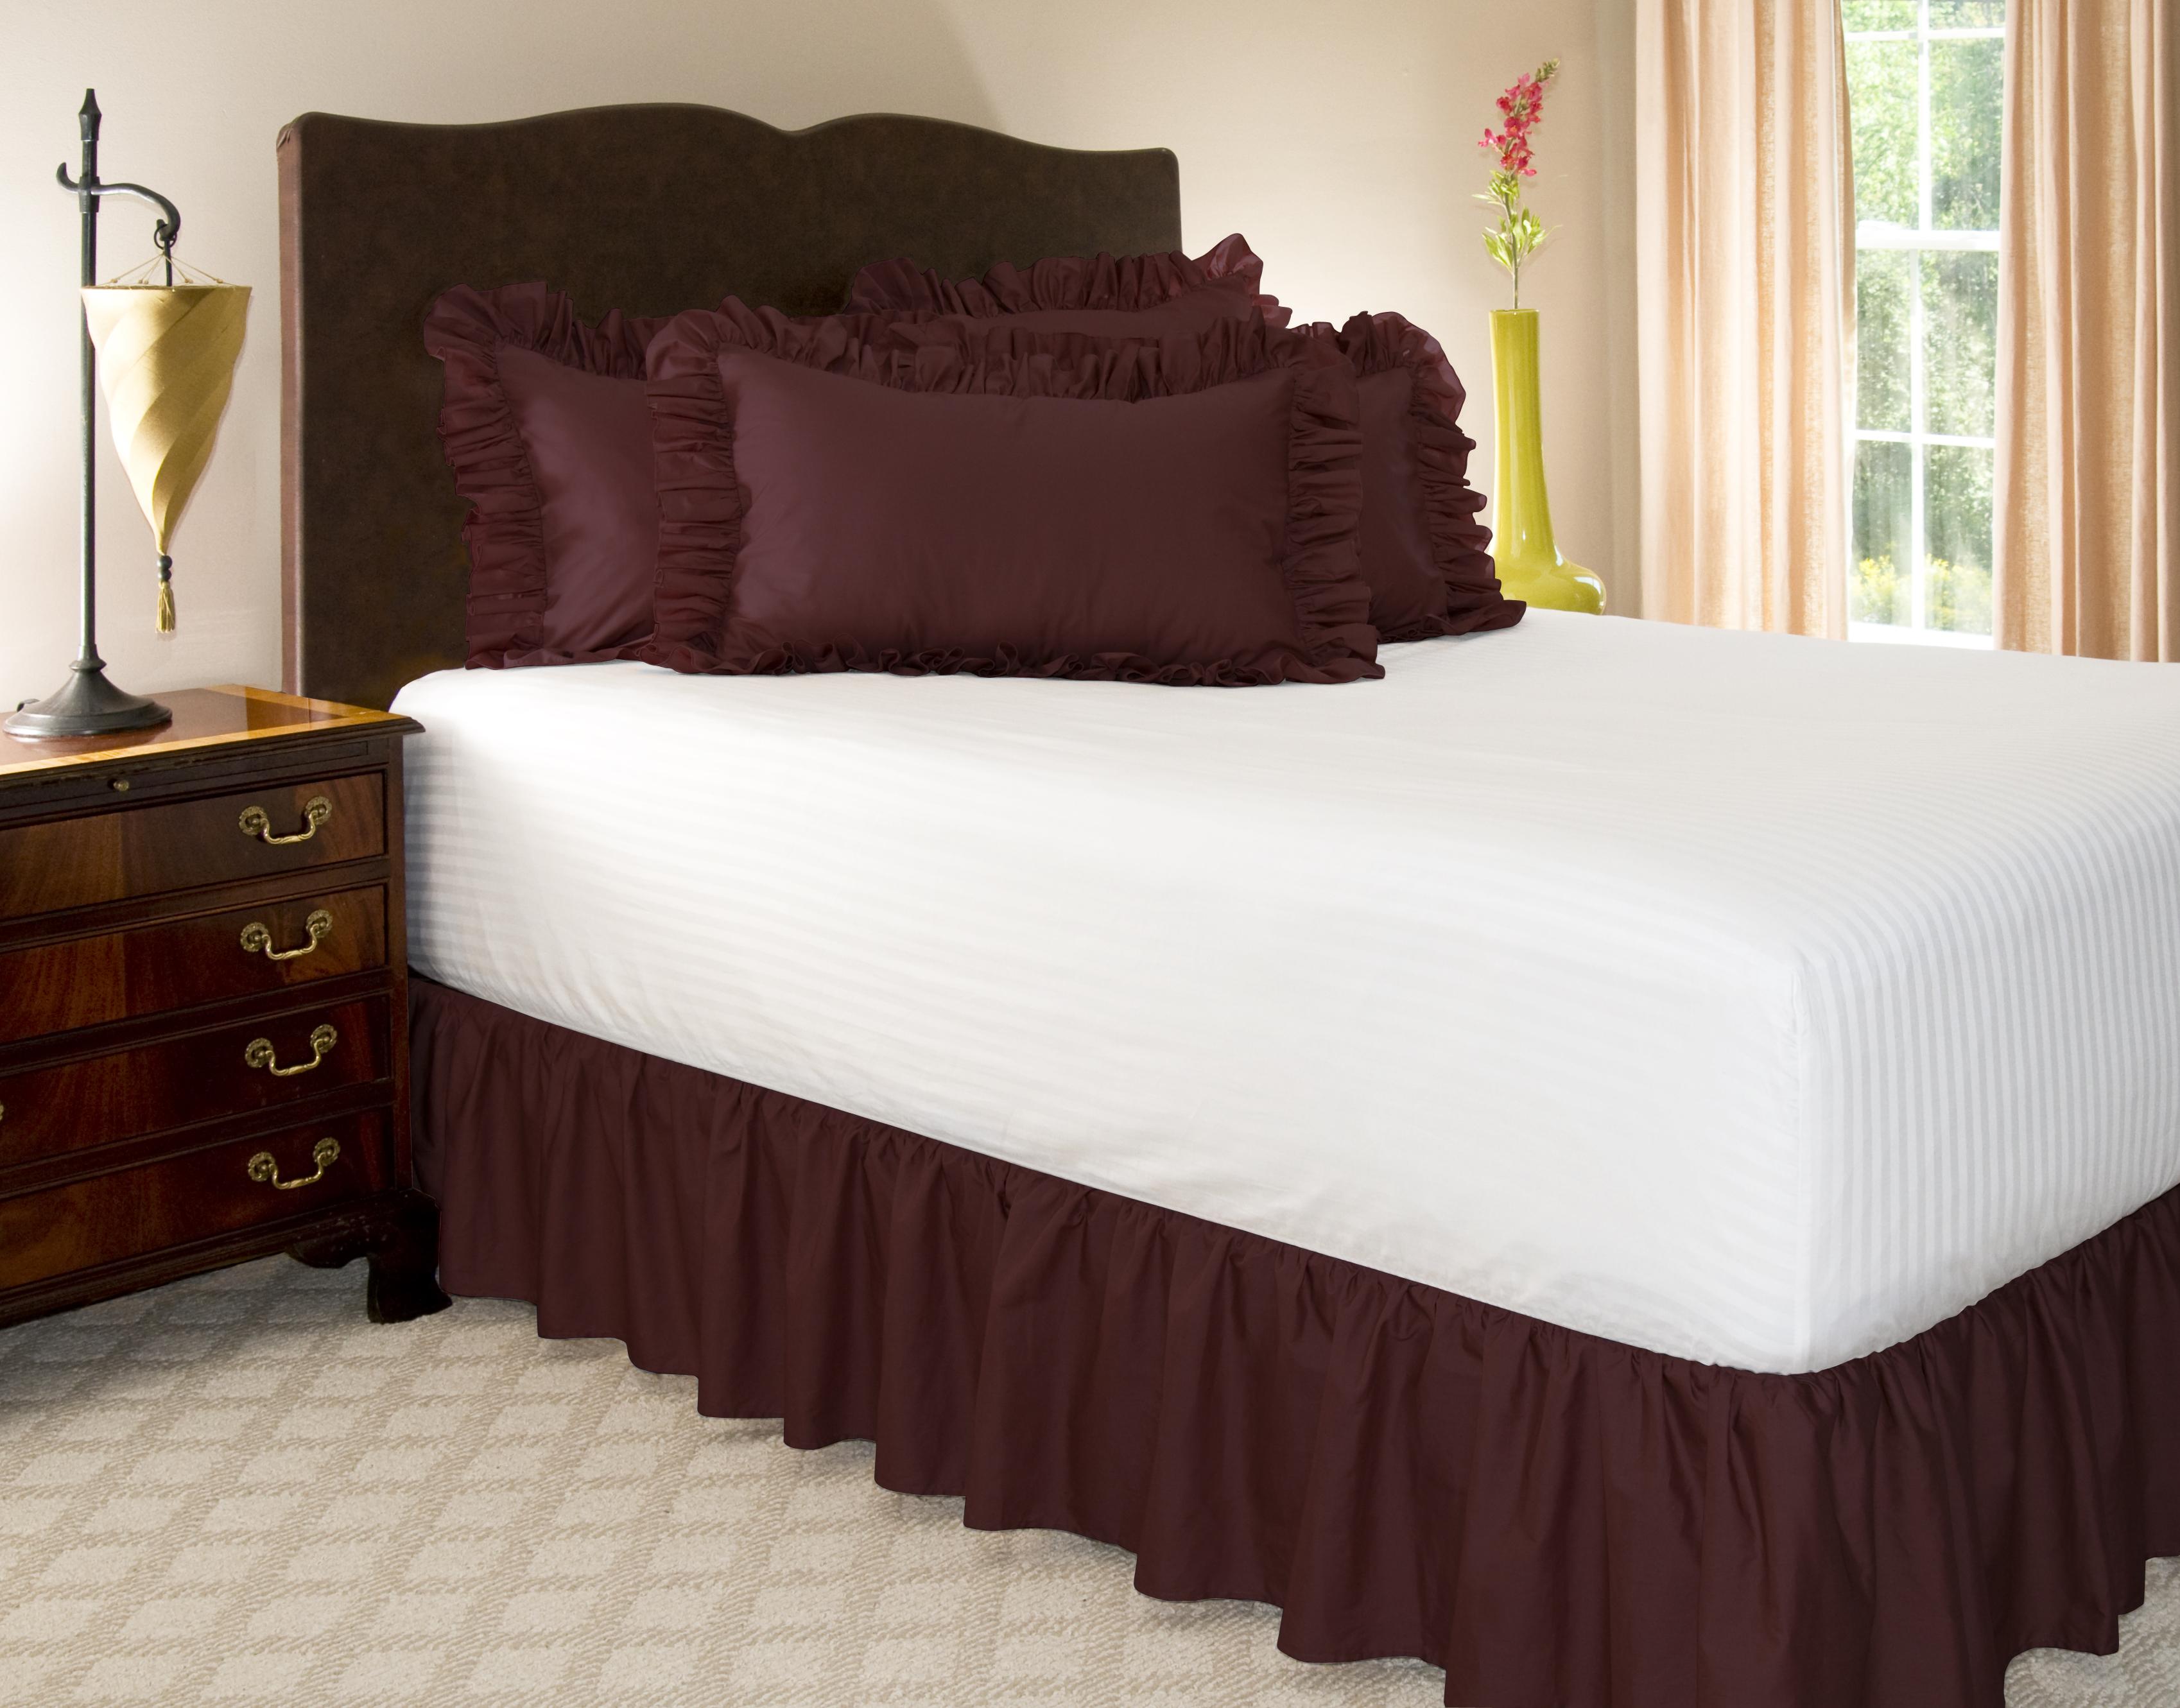 Queen Size Bed Skirt  Drop